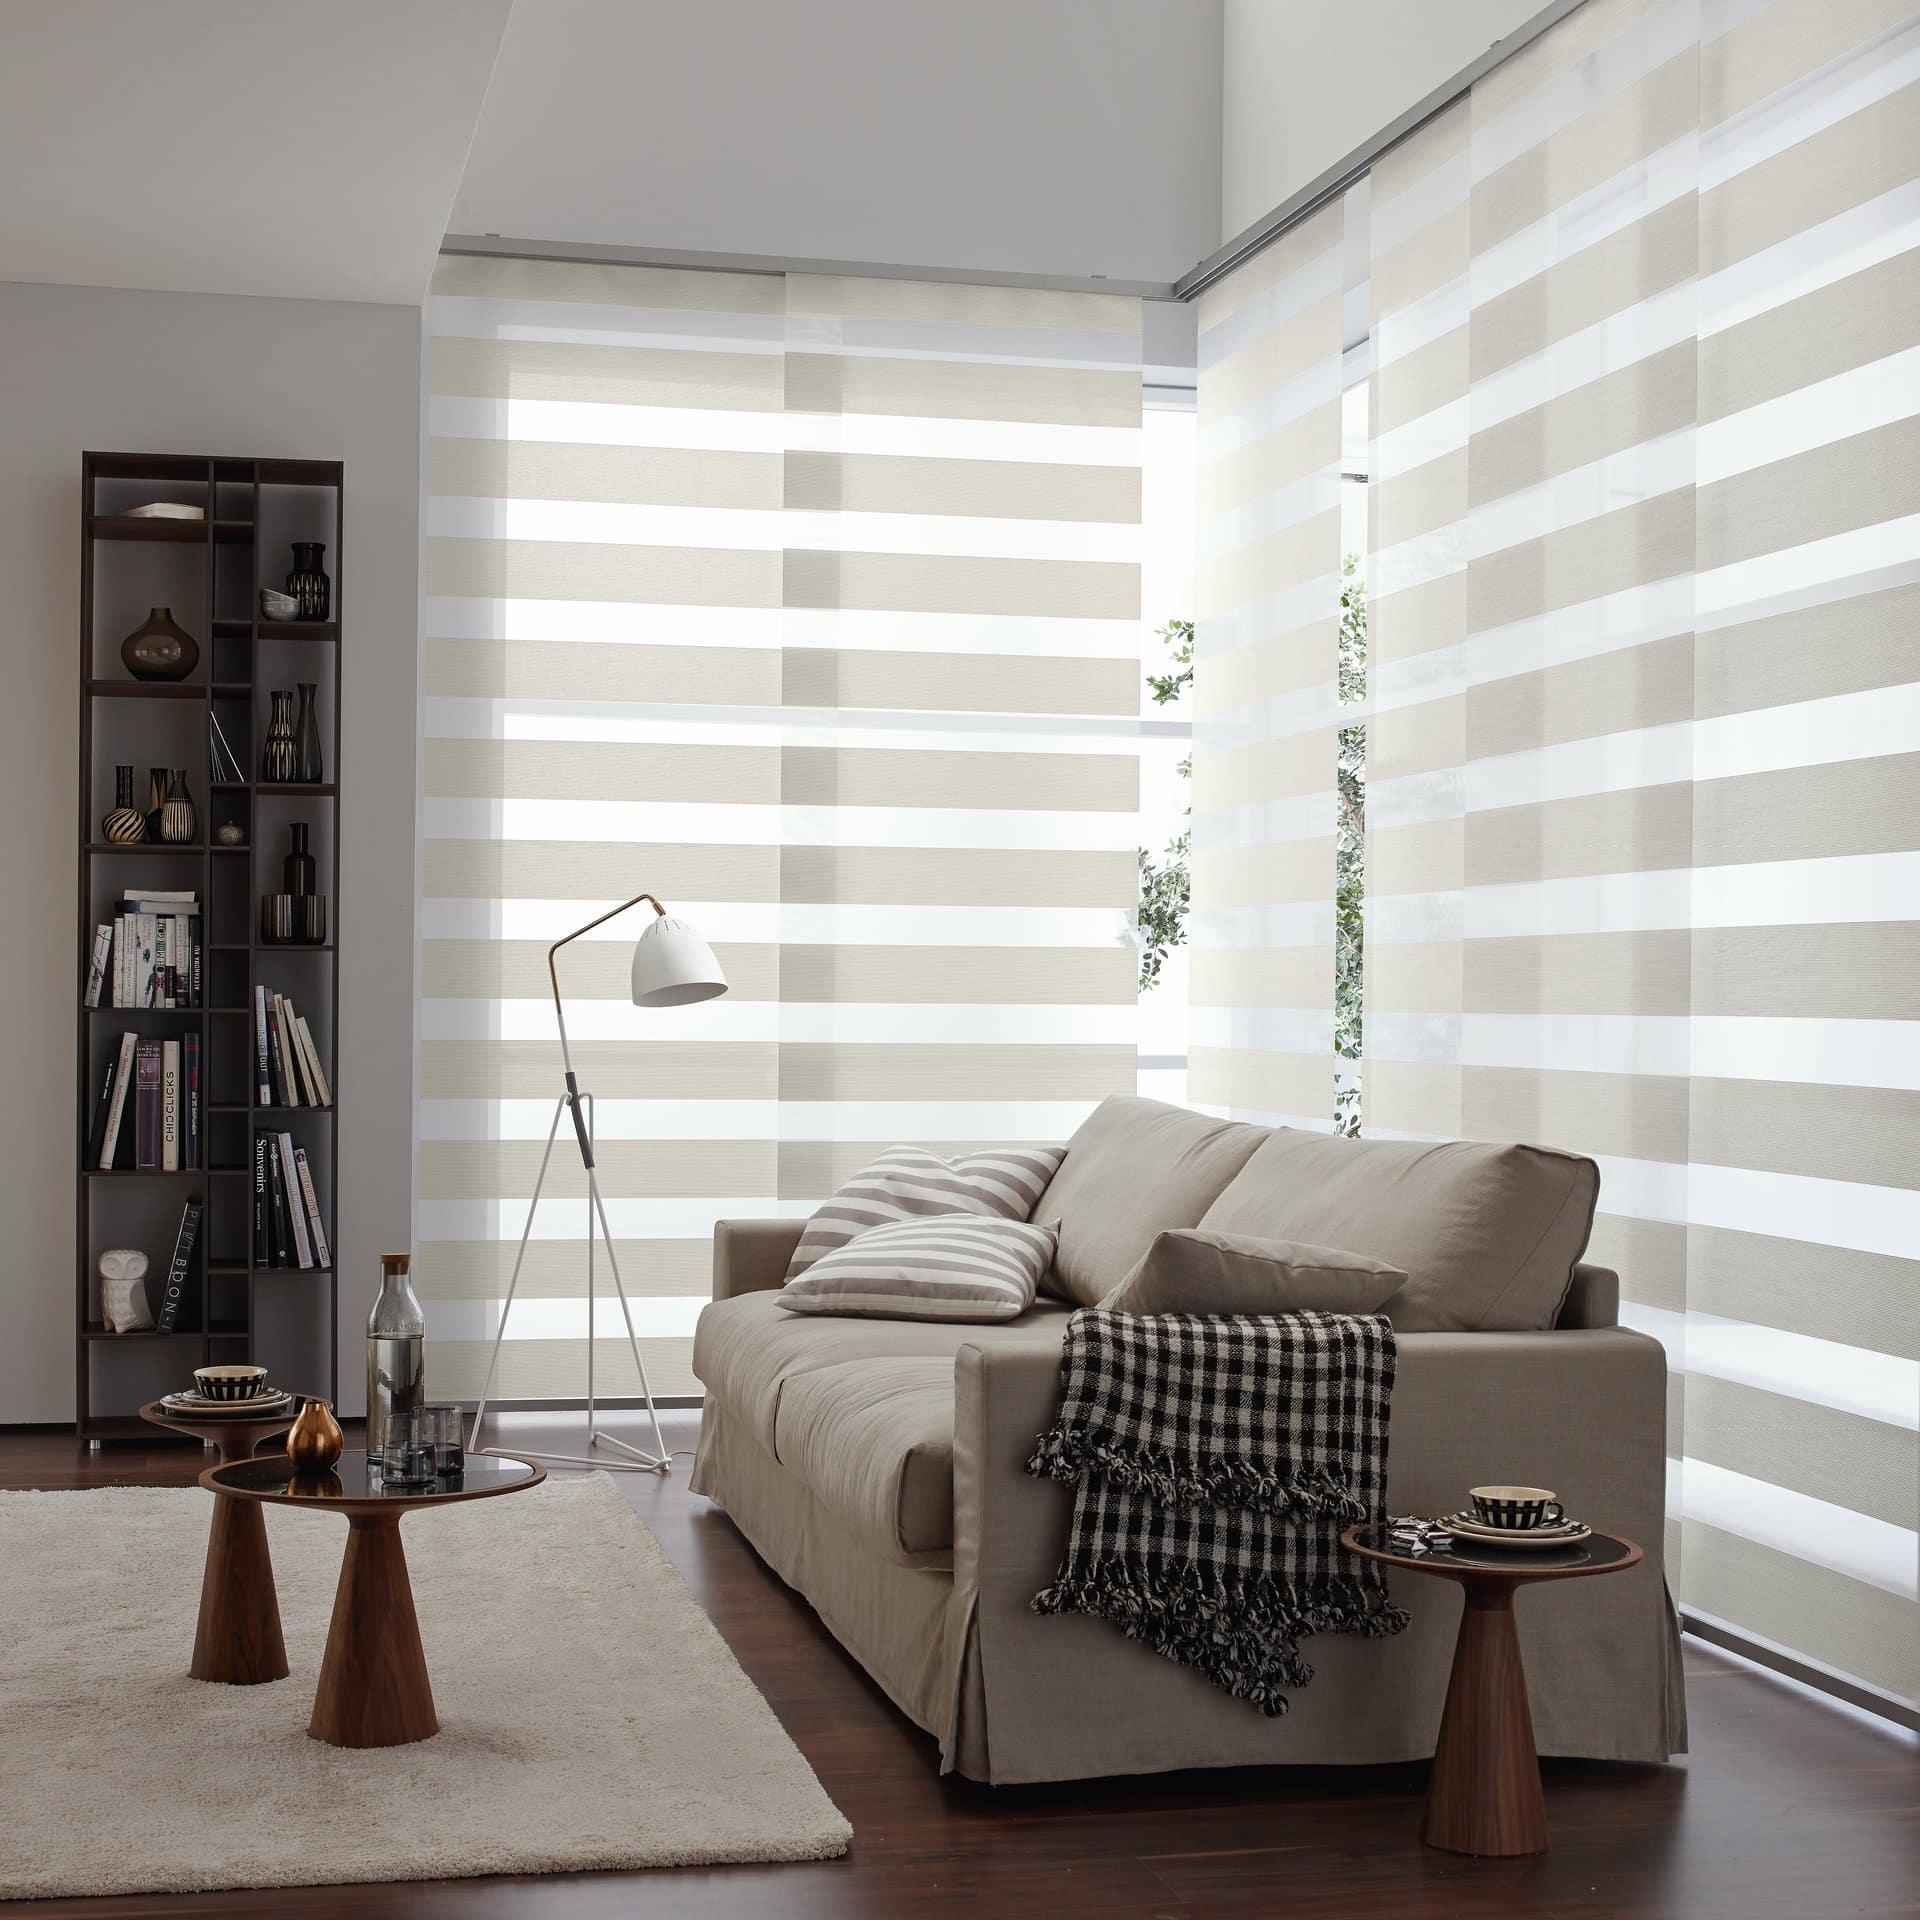 etofea hemisph re des panneaux japonais sur mesure tr s couture. Black Bedroom Furniture Sets. Home Design Ideas